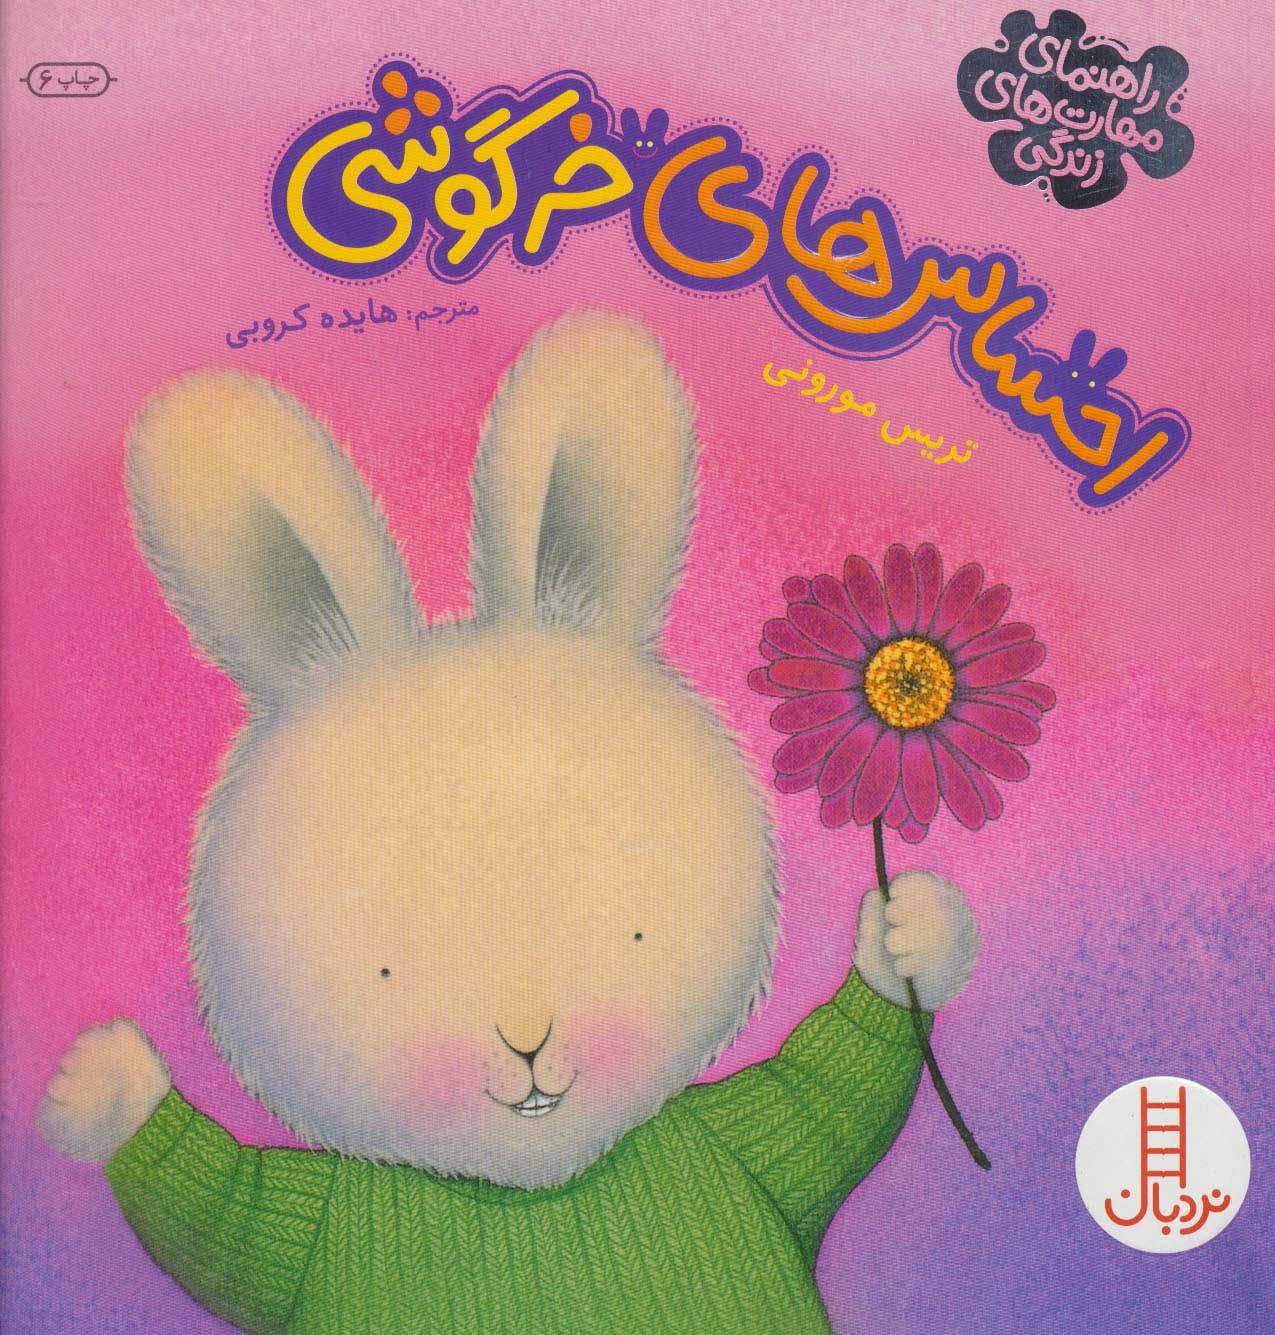 احساس های خرگوشی (راهنمای مهارت های زندگی)،(گلاسه)